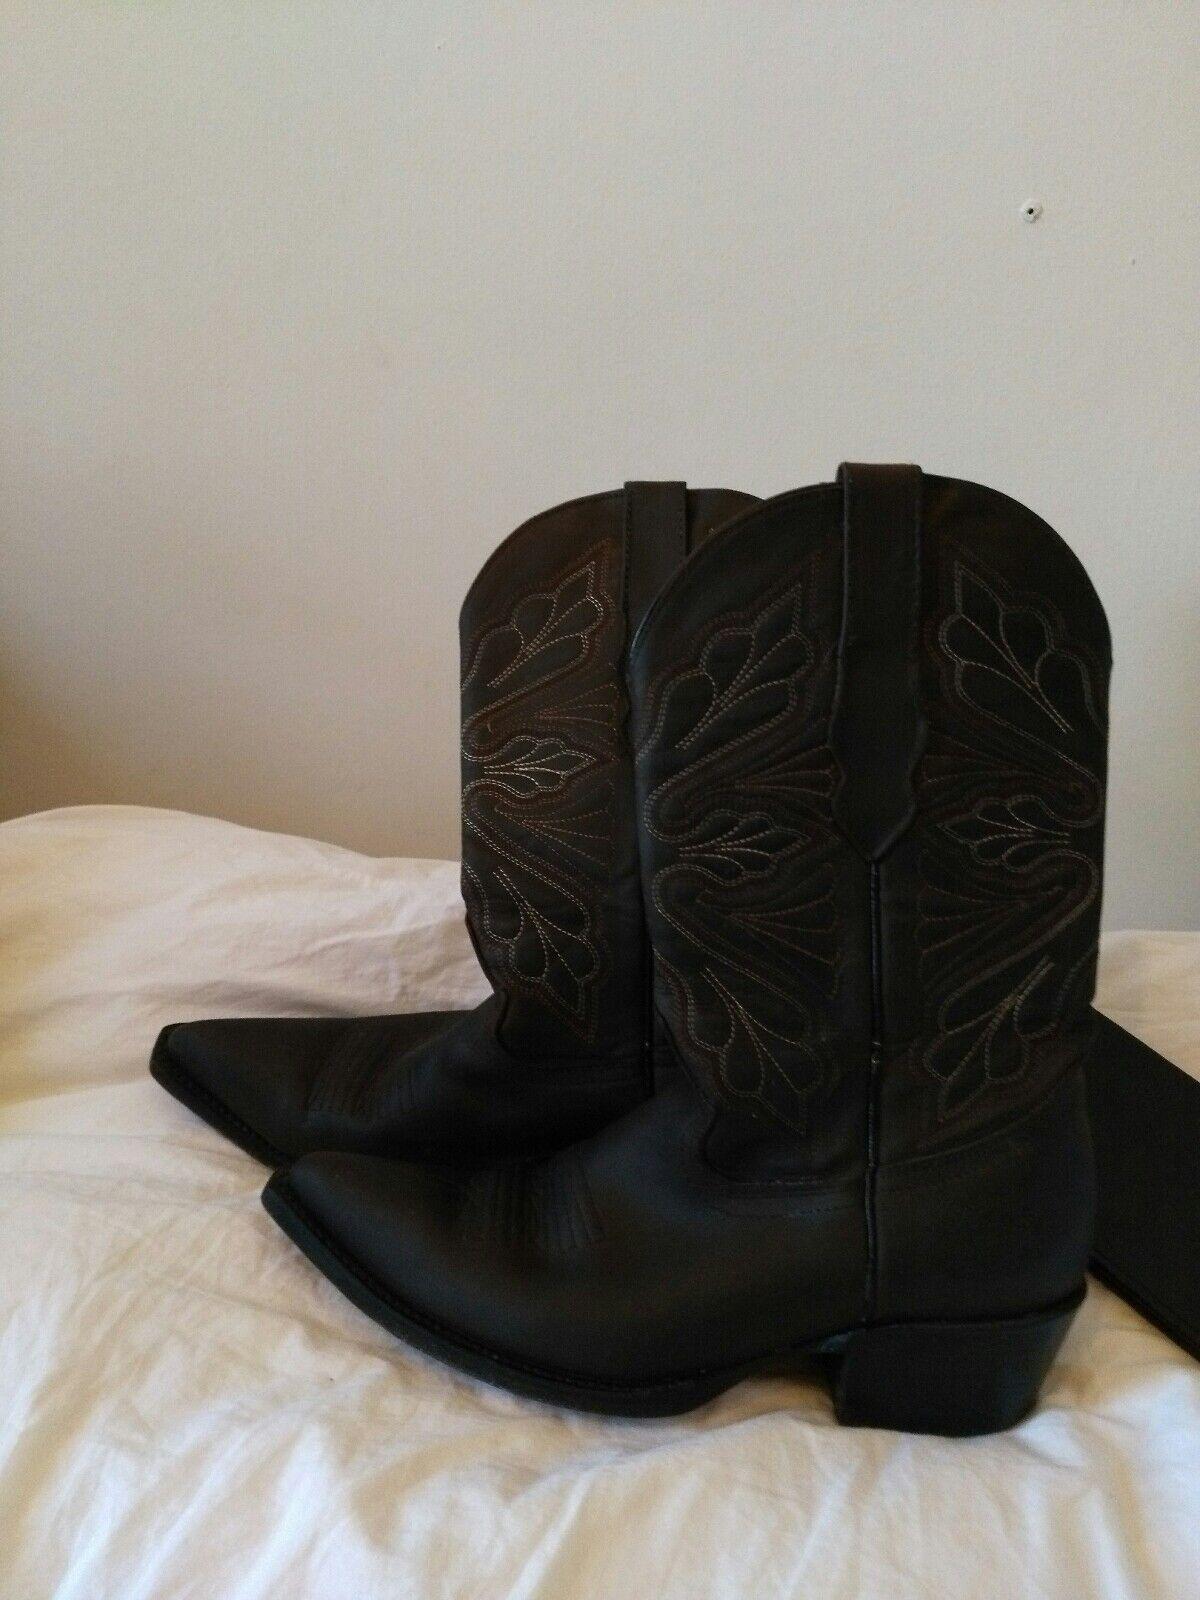 GRINDER GRINDER GRINDER cowboy boots, UK 6, brown leather, used 22a150